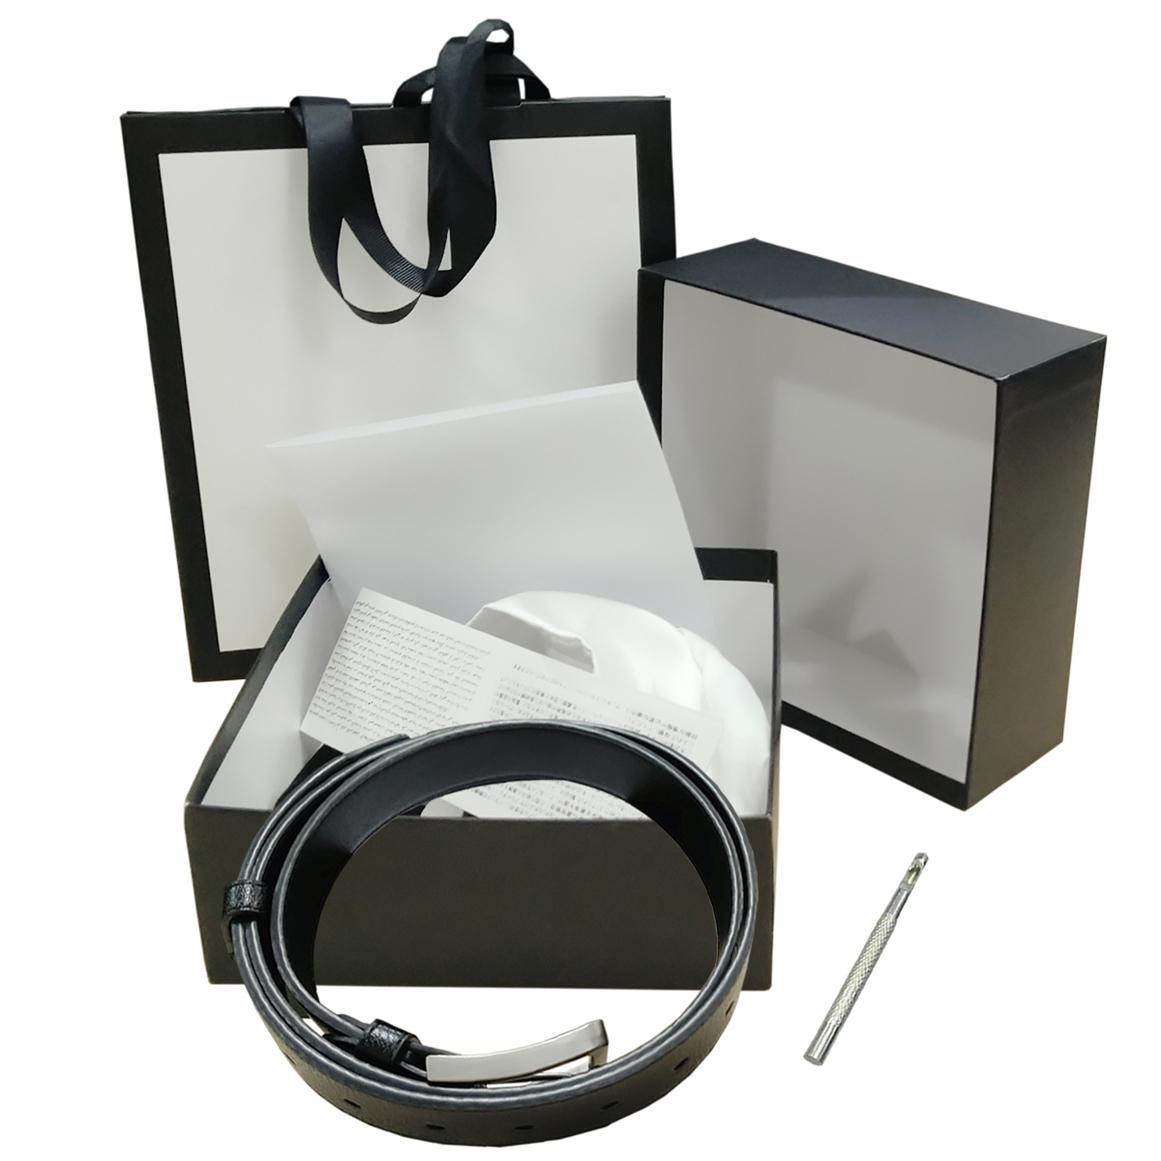 Cinture Mens Womens Black Belt Genuine Leather liscio oro Fibbia con la scatola bianca di polvere bianca del sacchetto della carta di regalo bianco Bag Black 69 3659